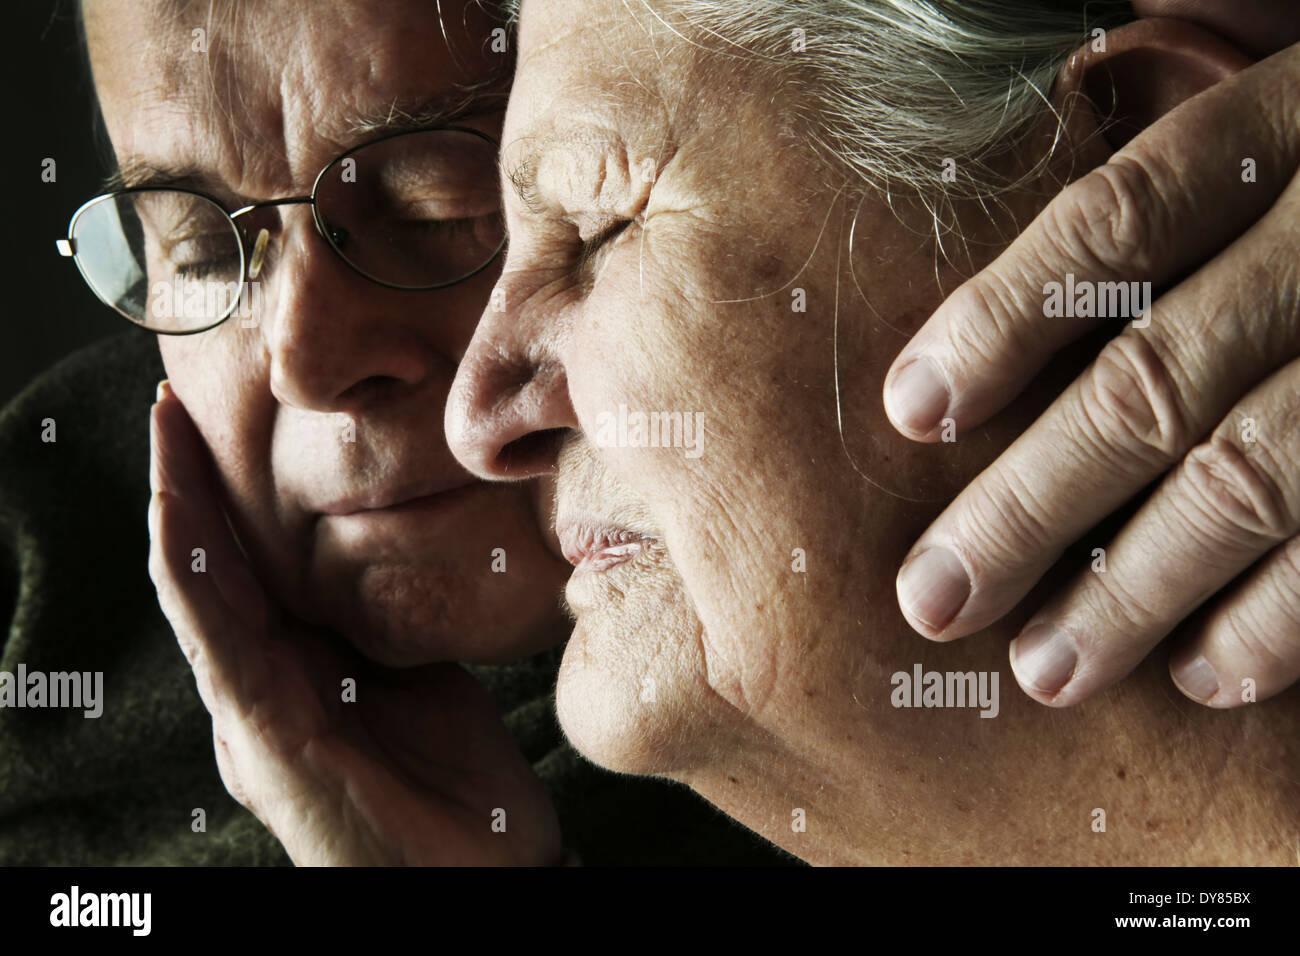 Retrato de parejas ancianas con cerrar los ojos, close-up Imagen De Stock